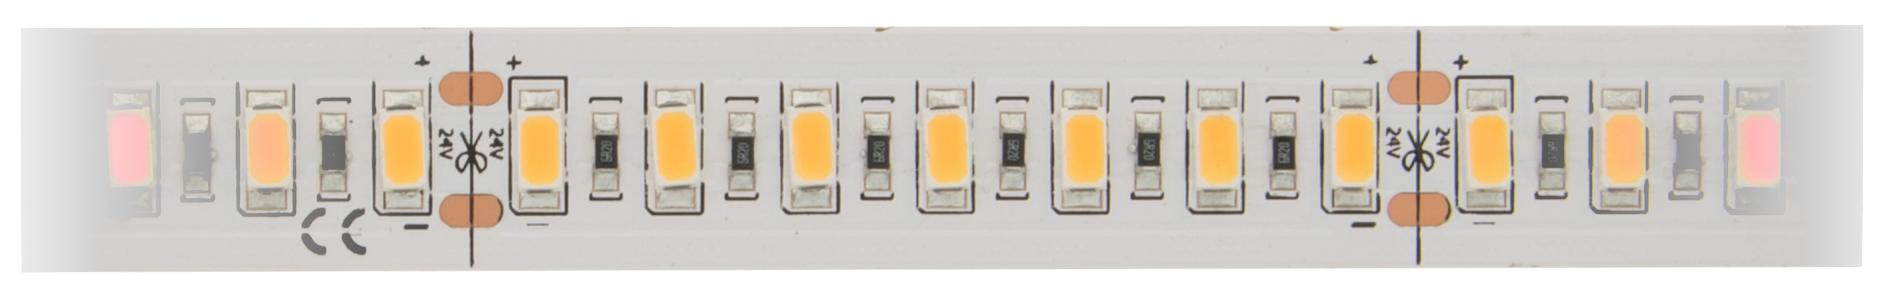 1 Stk FS 160, HW, Ra=90+, 37,0W/m, 3640lm/m, 24VDC, IP20, l=5m LIFS019010